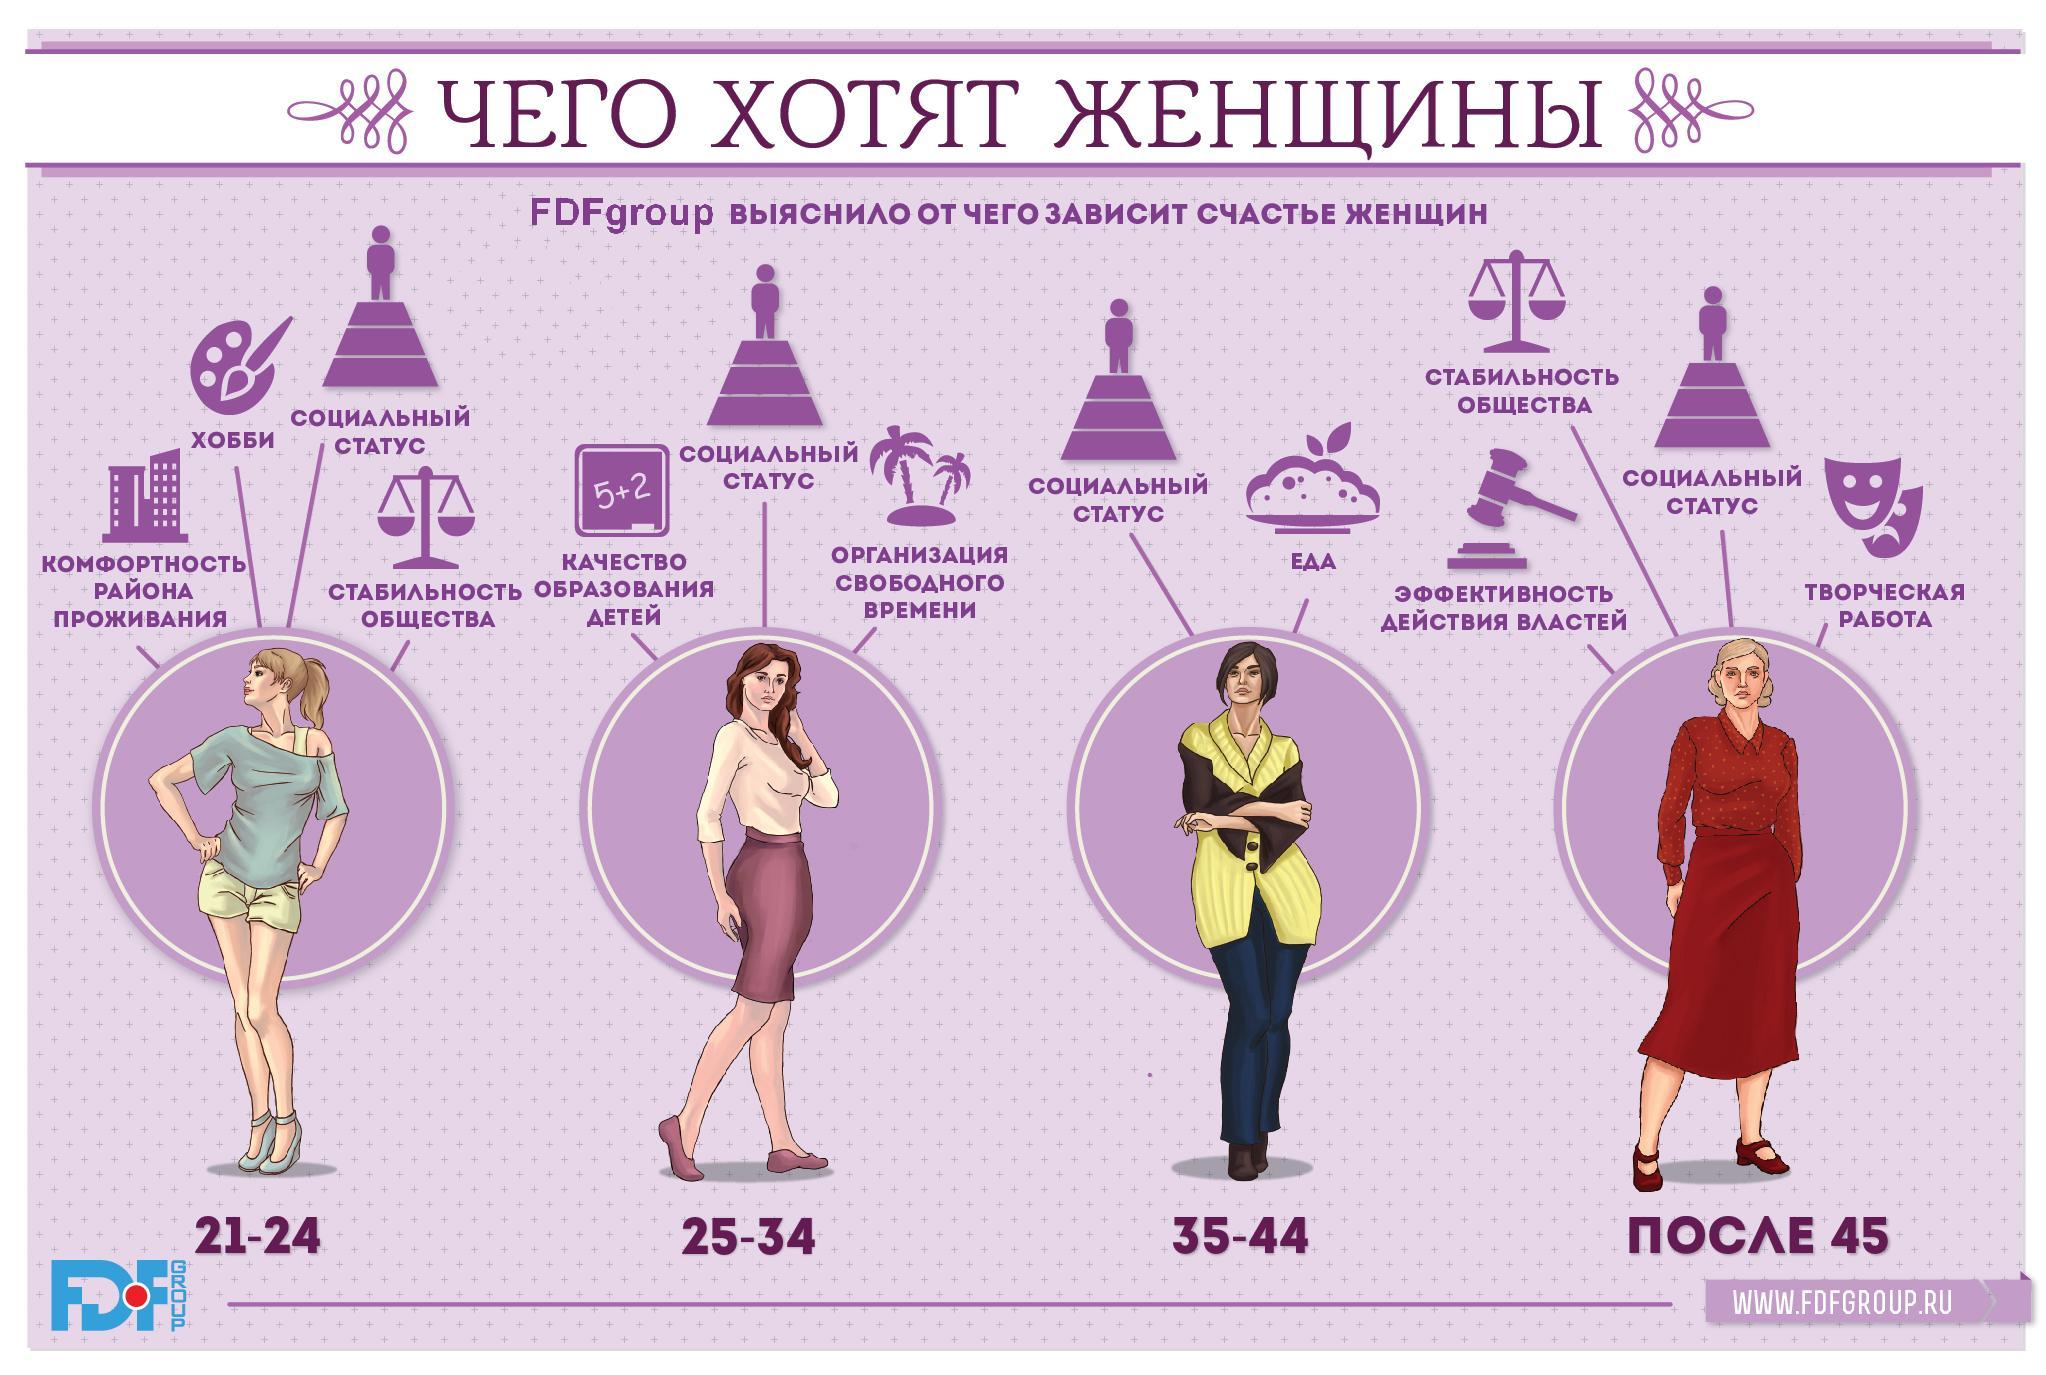 чего хотят женщины разного возраста